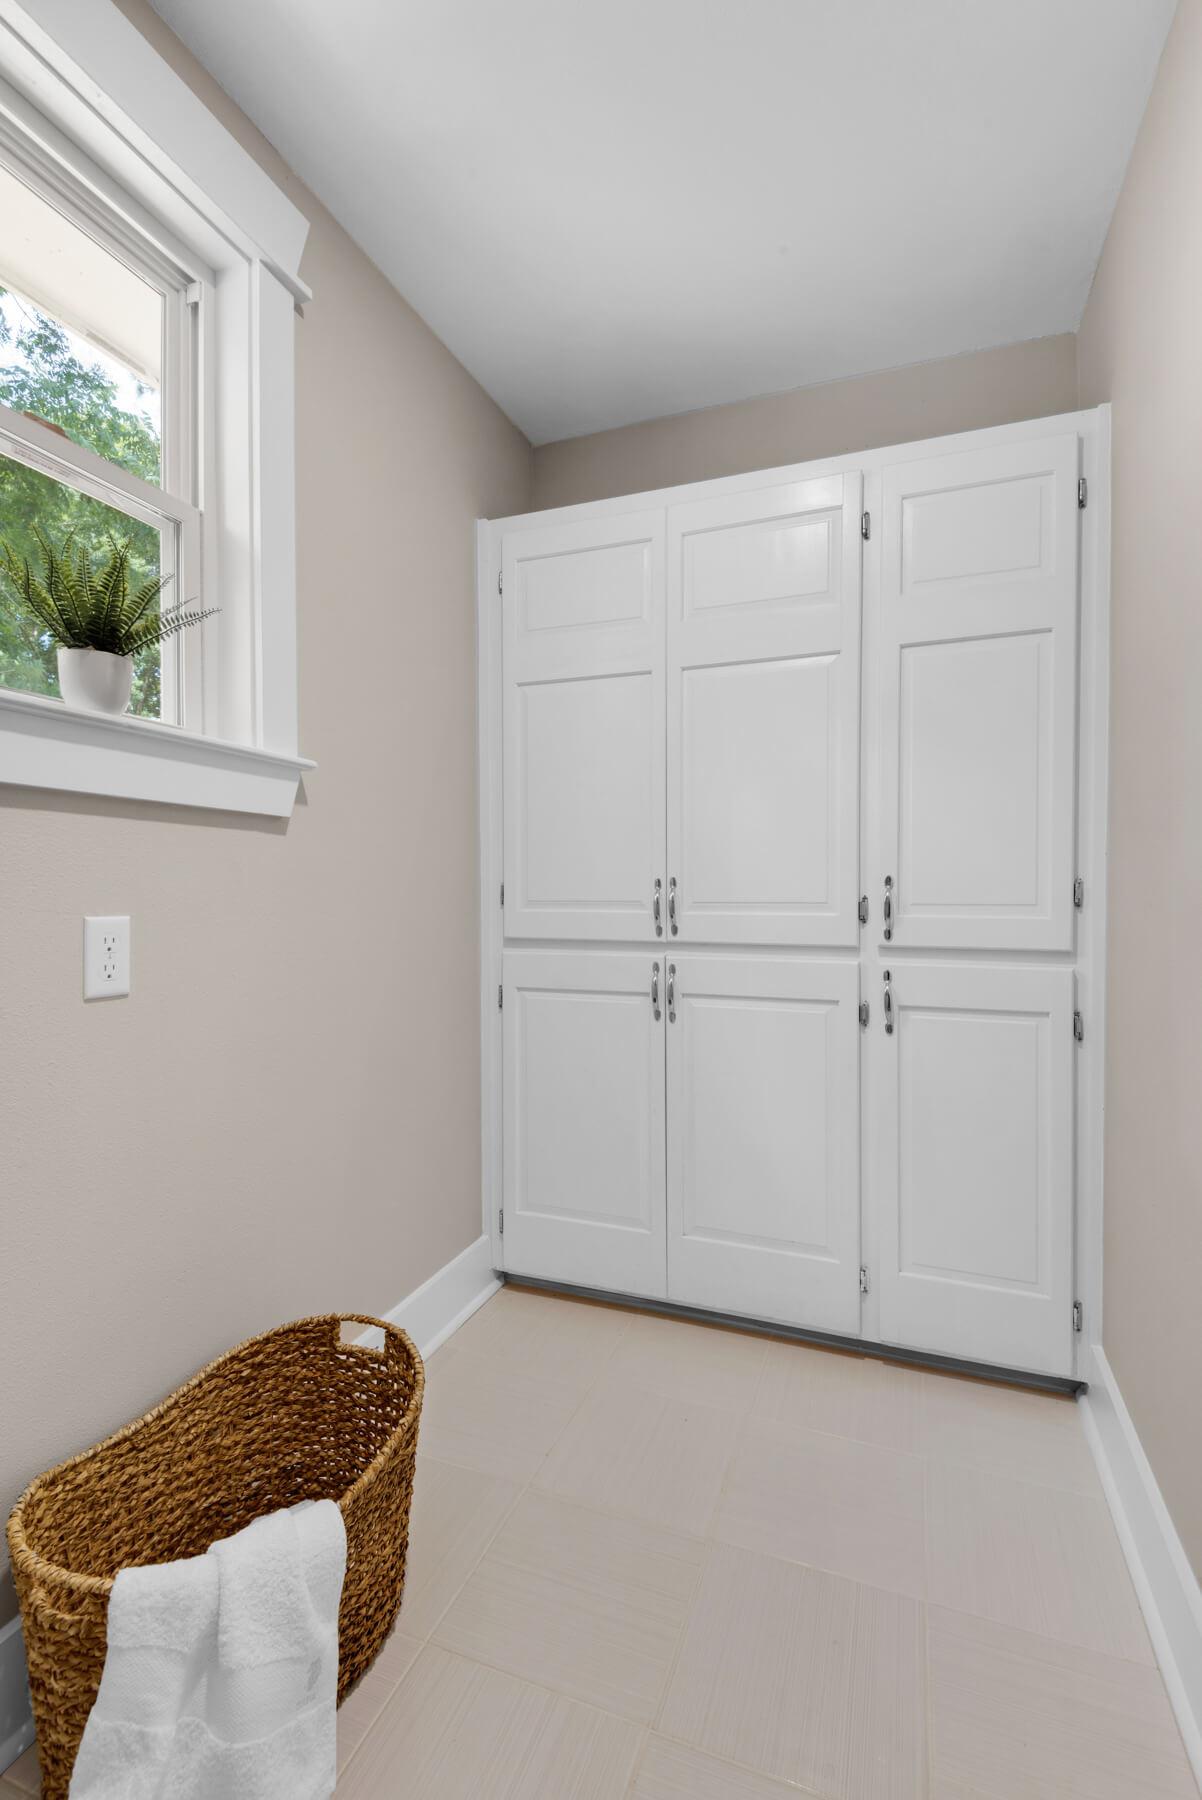 531gayfer.com movetobaldwincounty.com Urban Property 394